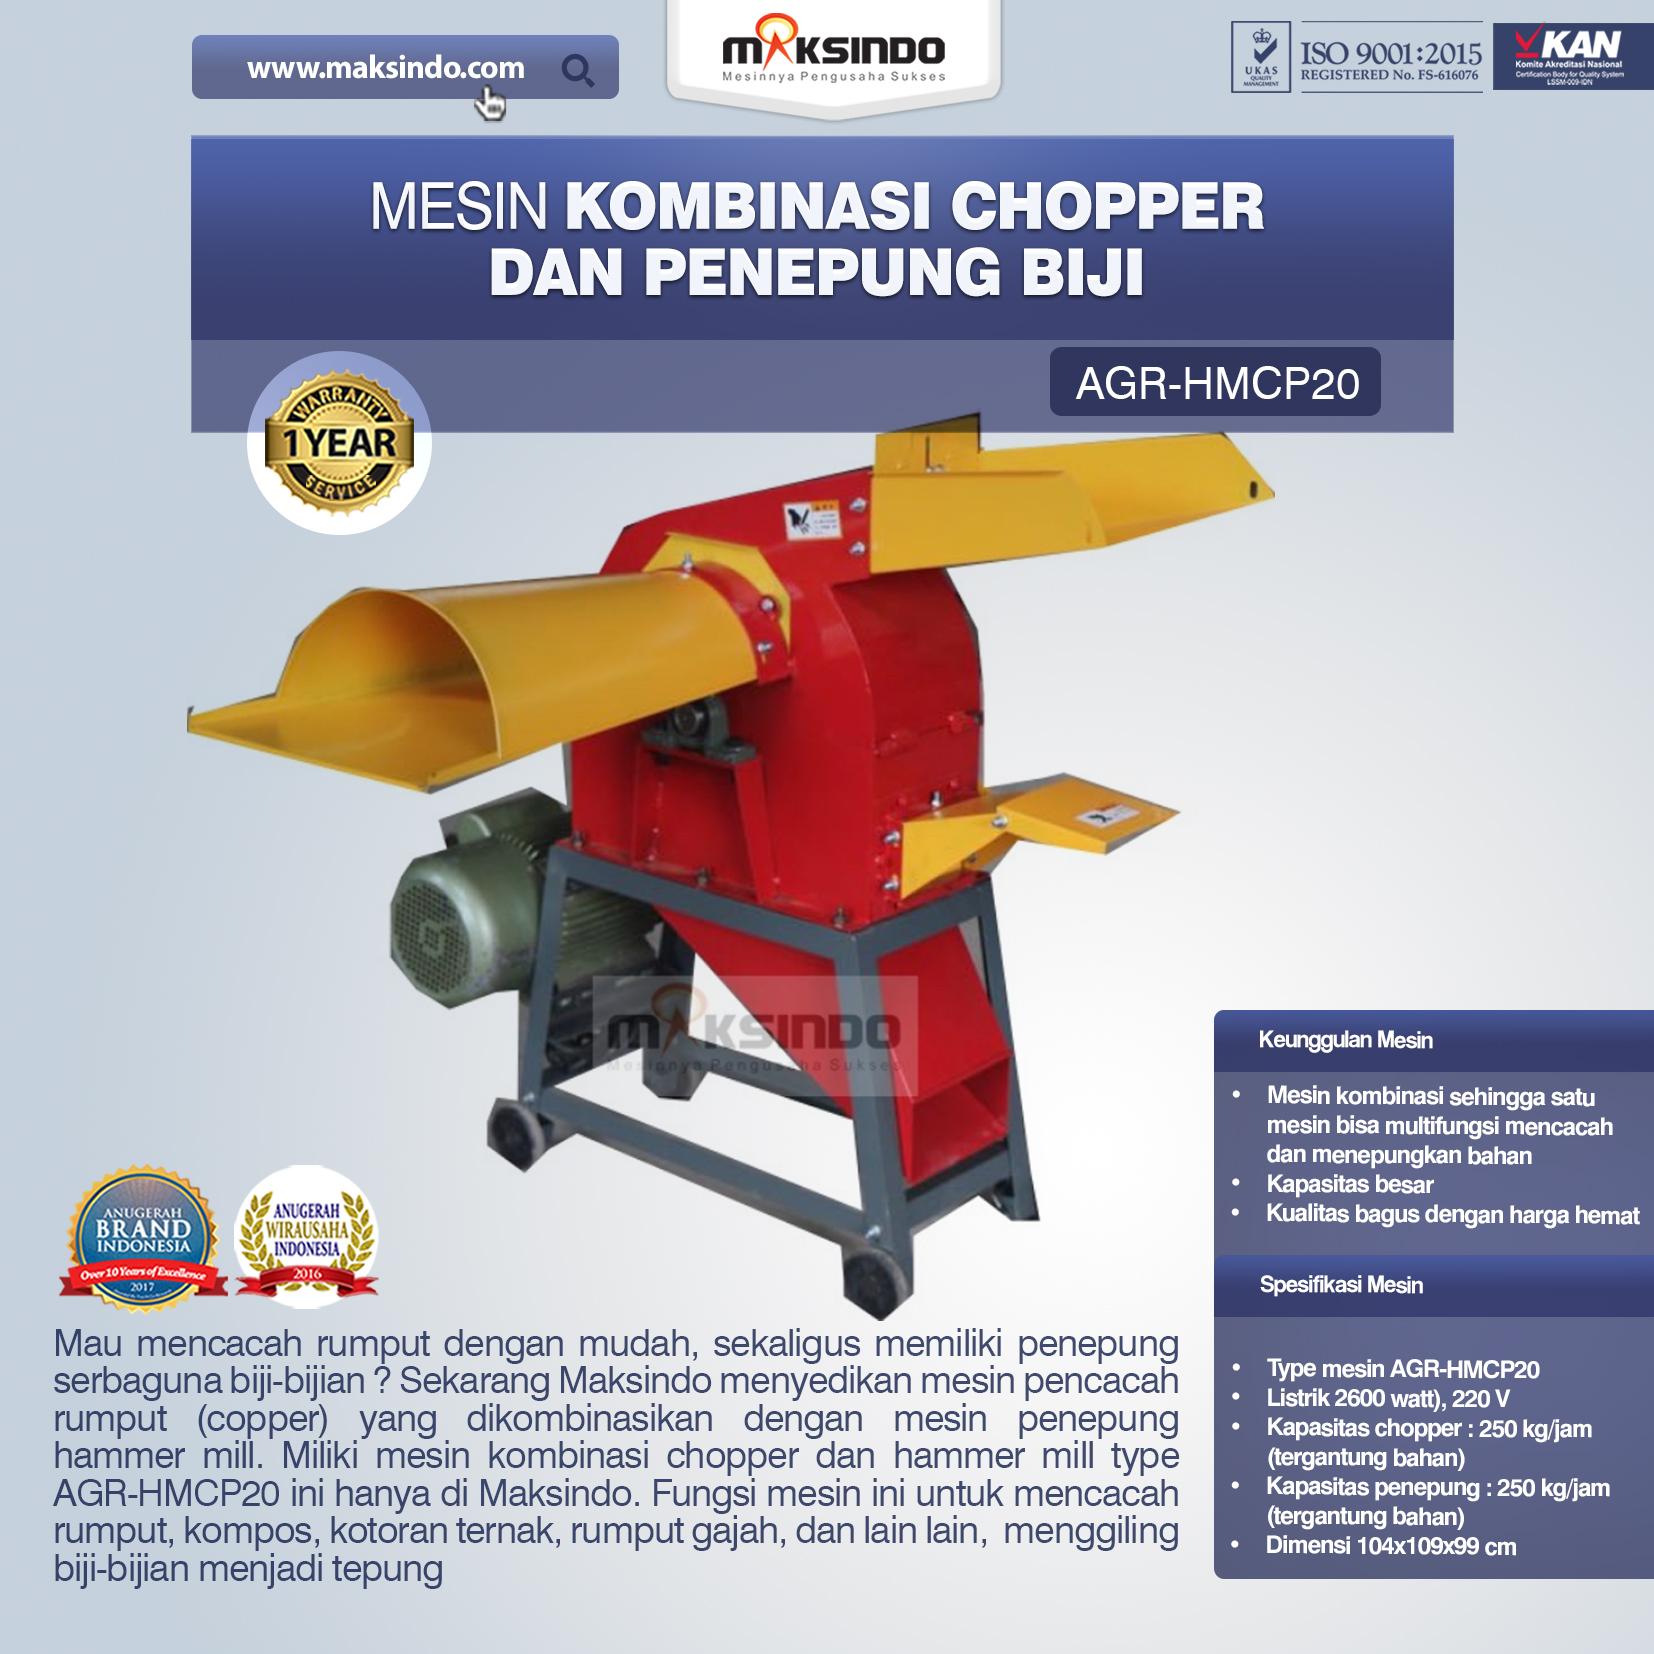 Jual Mesin Kombinasi Chopper dan Penepung Biji (HMCP20) di Medan